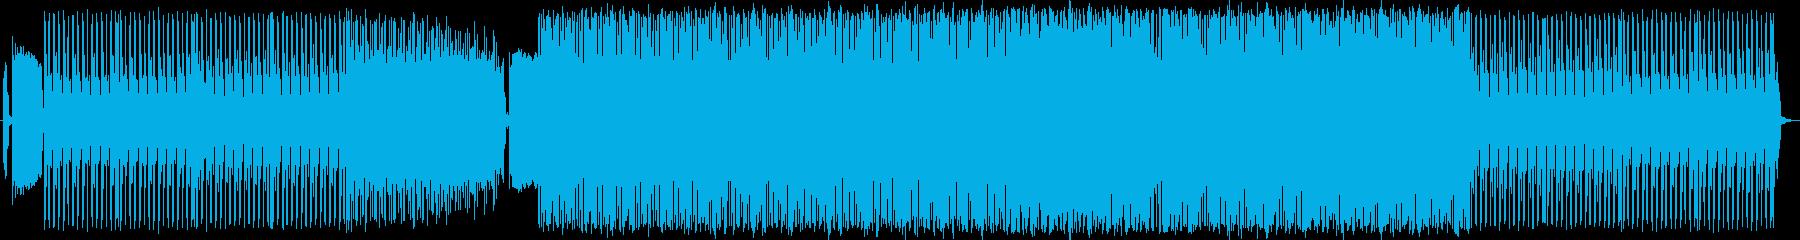 テクノダンスの機械象。バラバラのド...の再生済みの波形